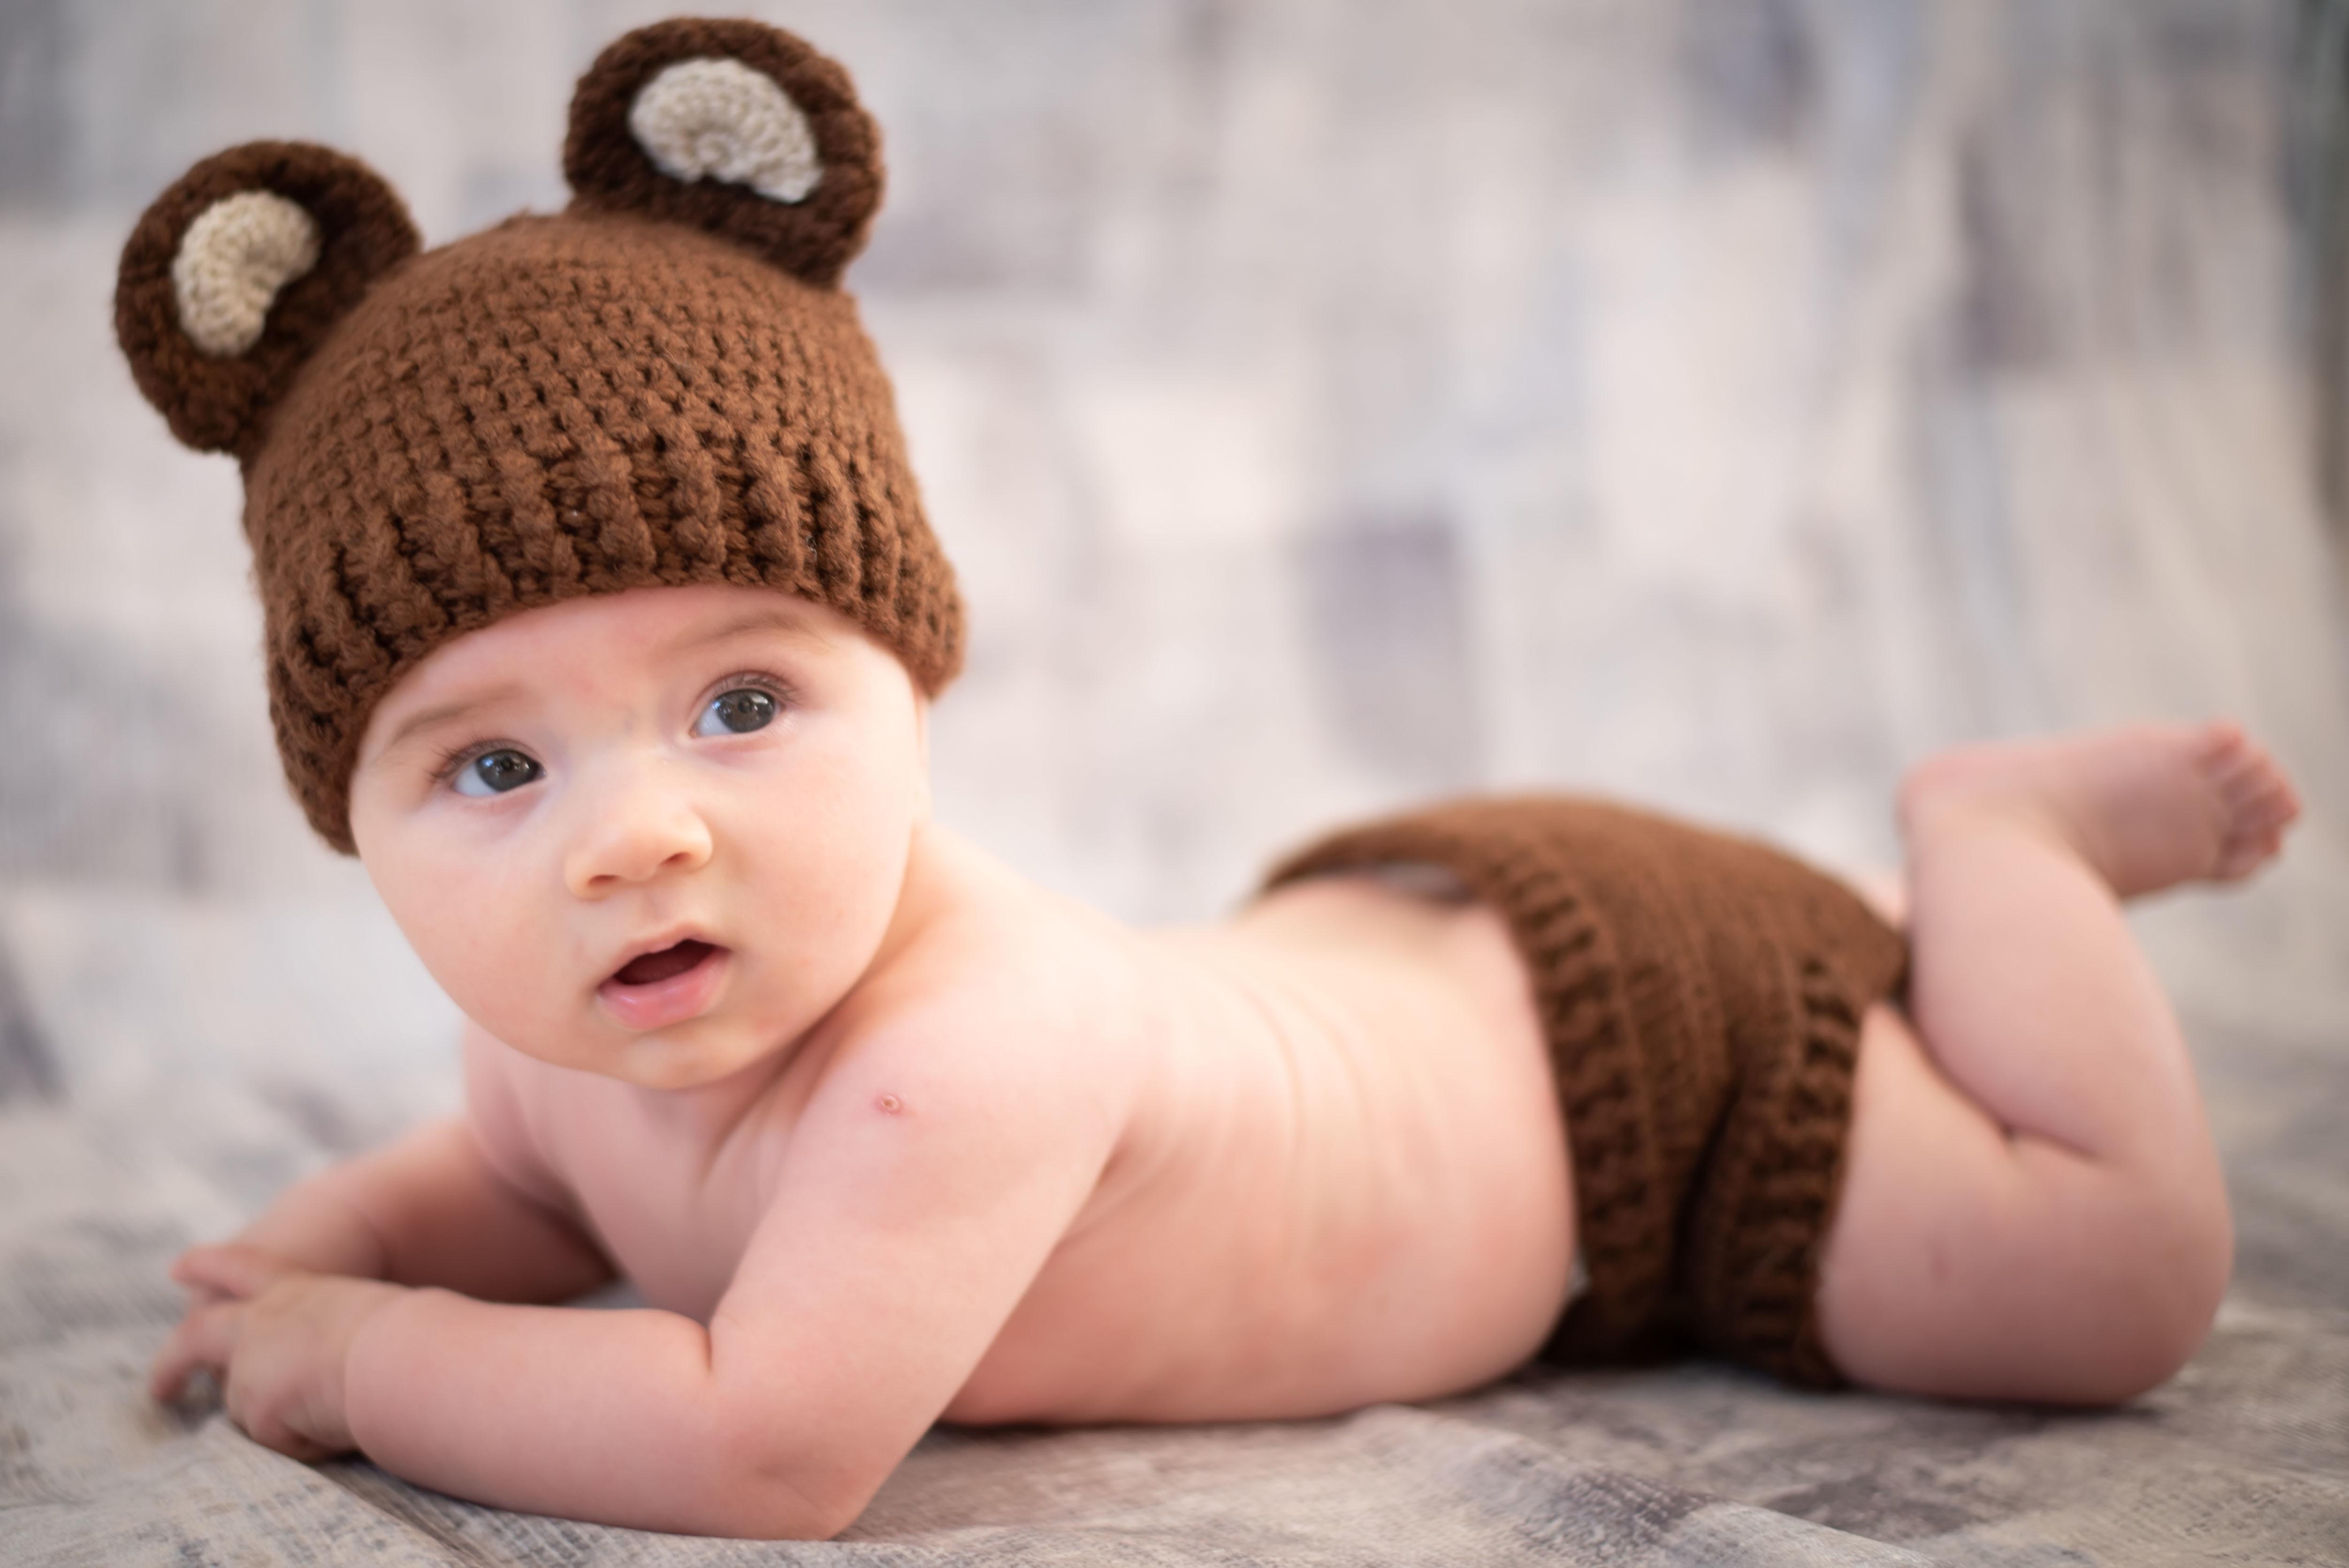 Contate Lis Godoy fotografia de família, gestante, parto e newborn